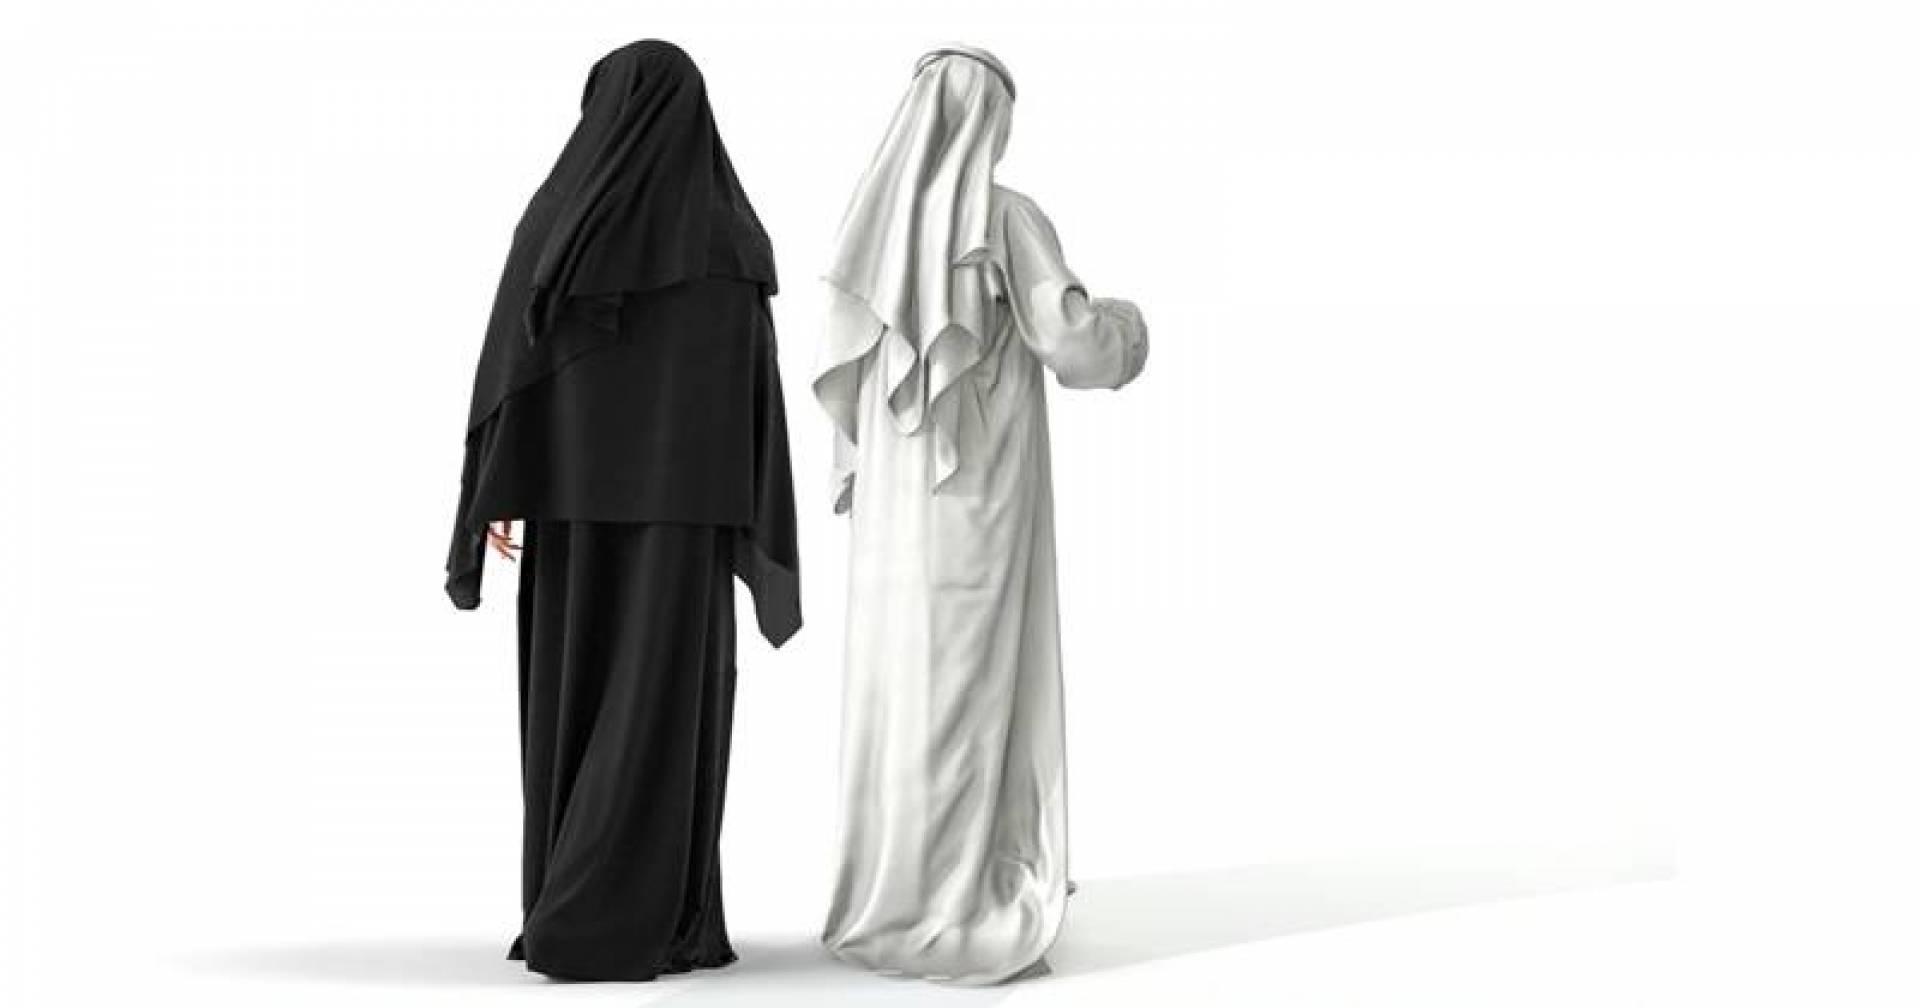 دراسة أكاديمية: موظفو «الغاز» و«الكهرباء» الأكثر طلاقاً.. و«الماليُّون» الأعلى زواجاً